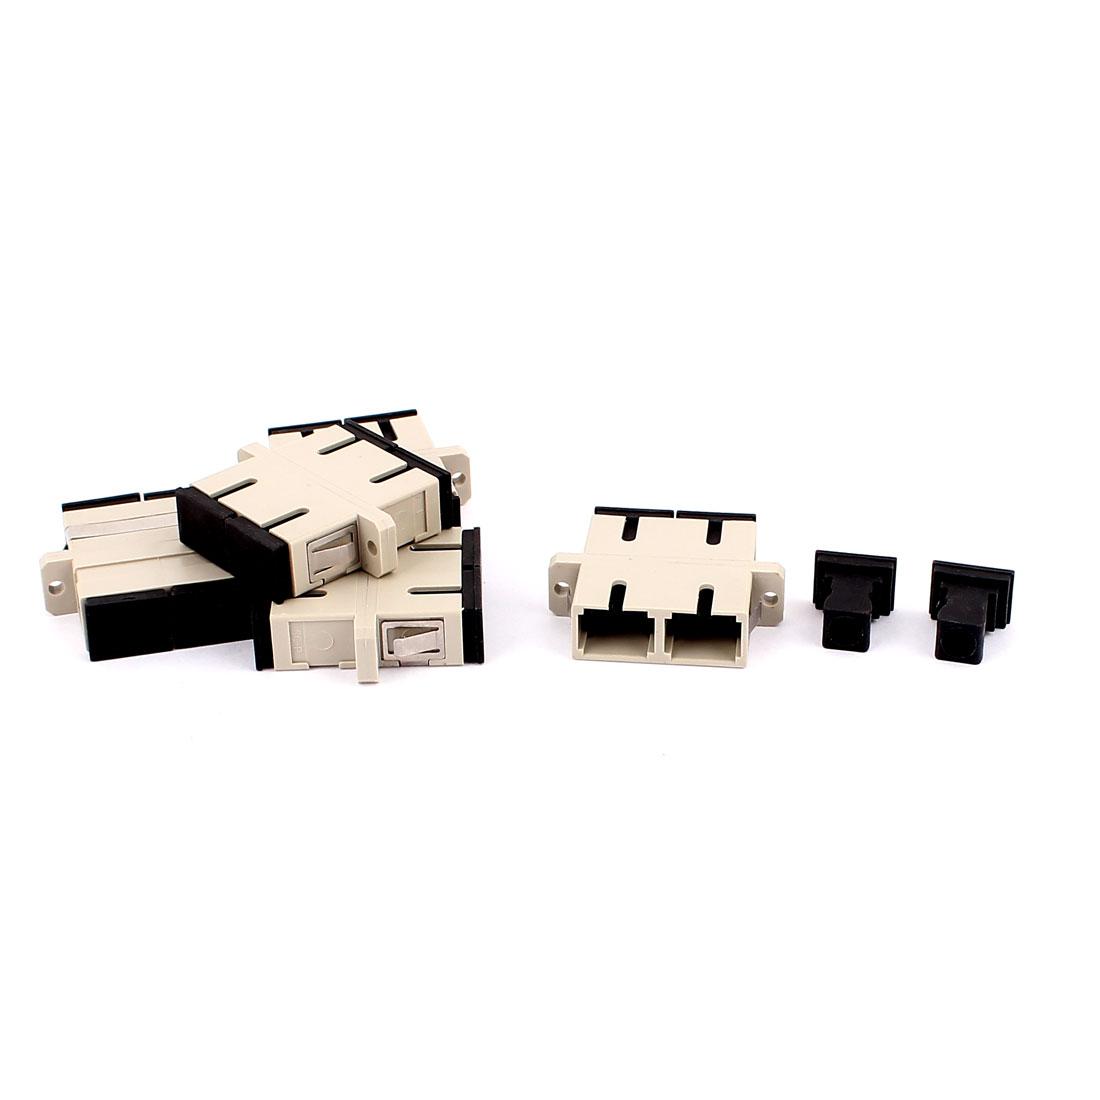 5 Pcs MM SC-SC UPC Duplex Fibre Couplers Flange Adapters Optical Fiber Connectors Gray